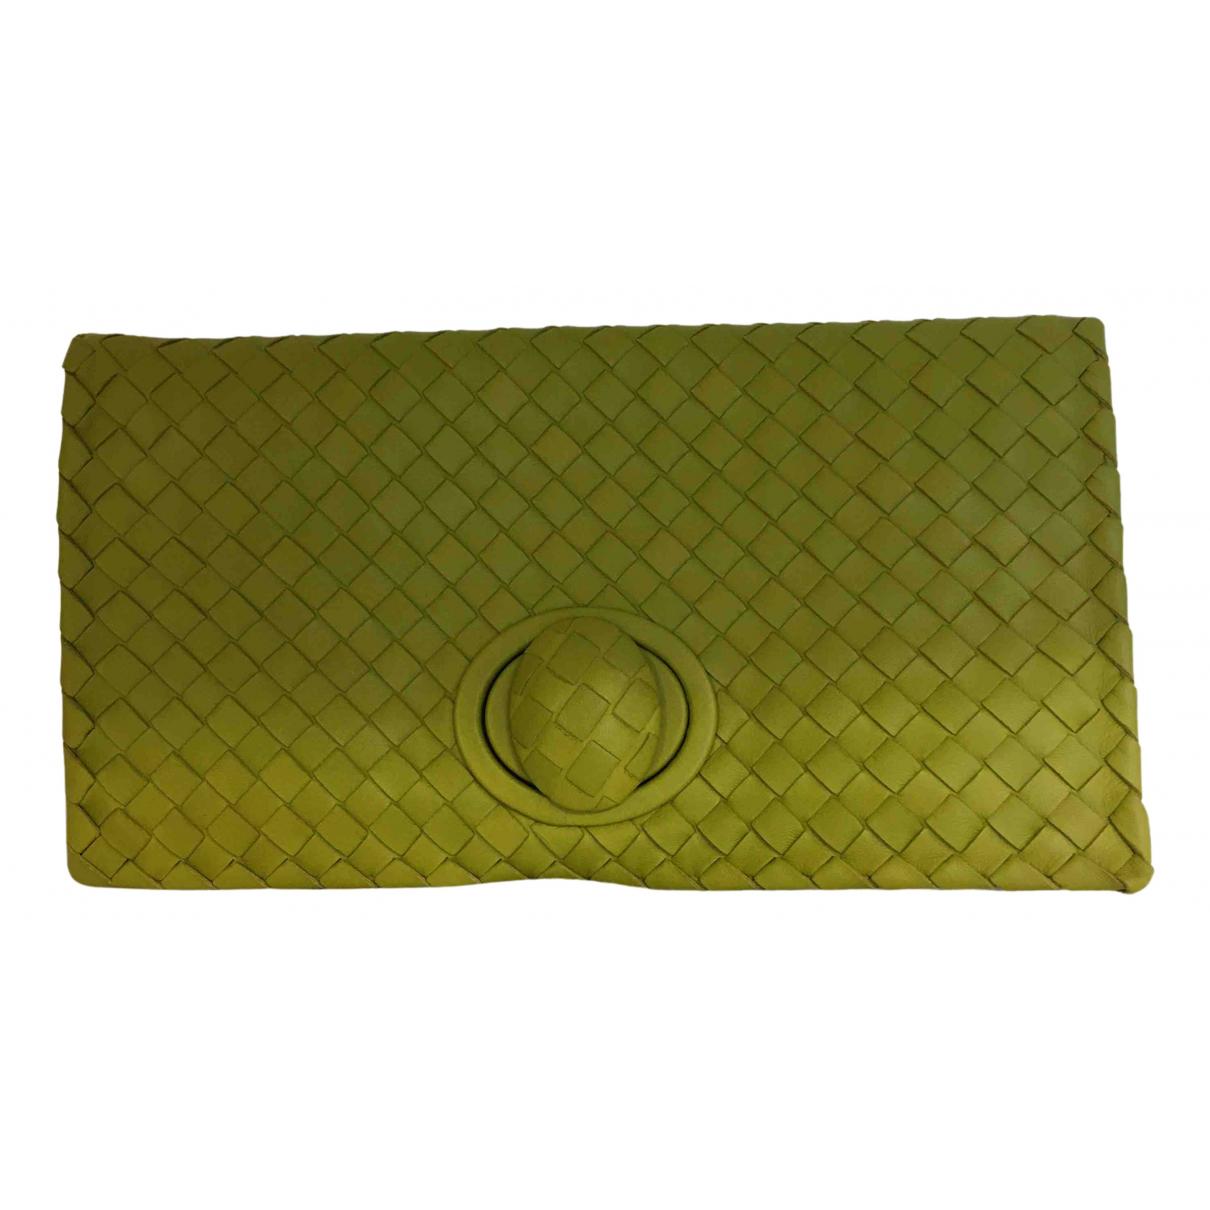 Bottega Veneta N Green Leather handbag for Women N